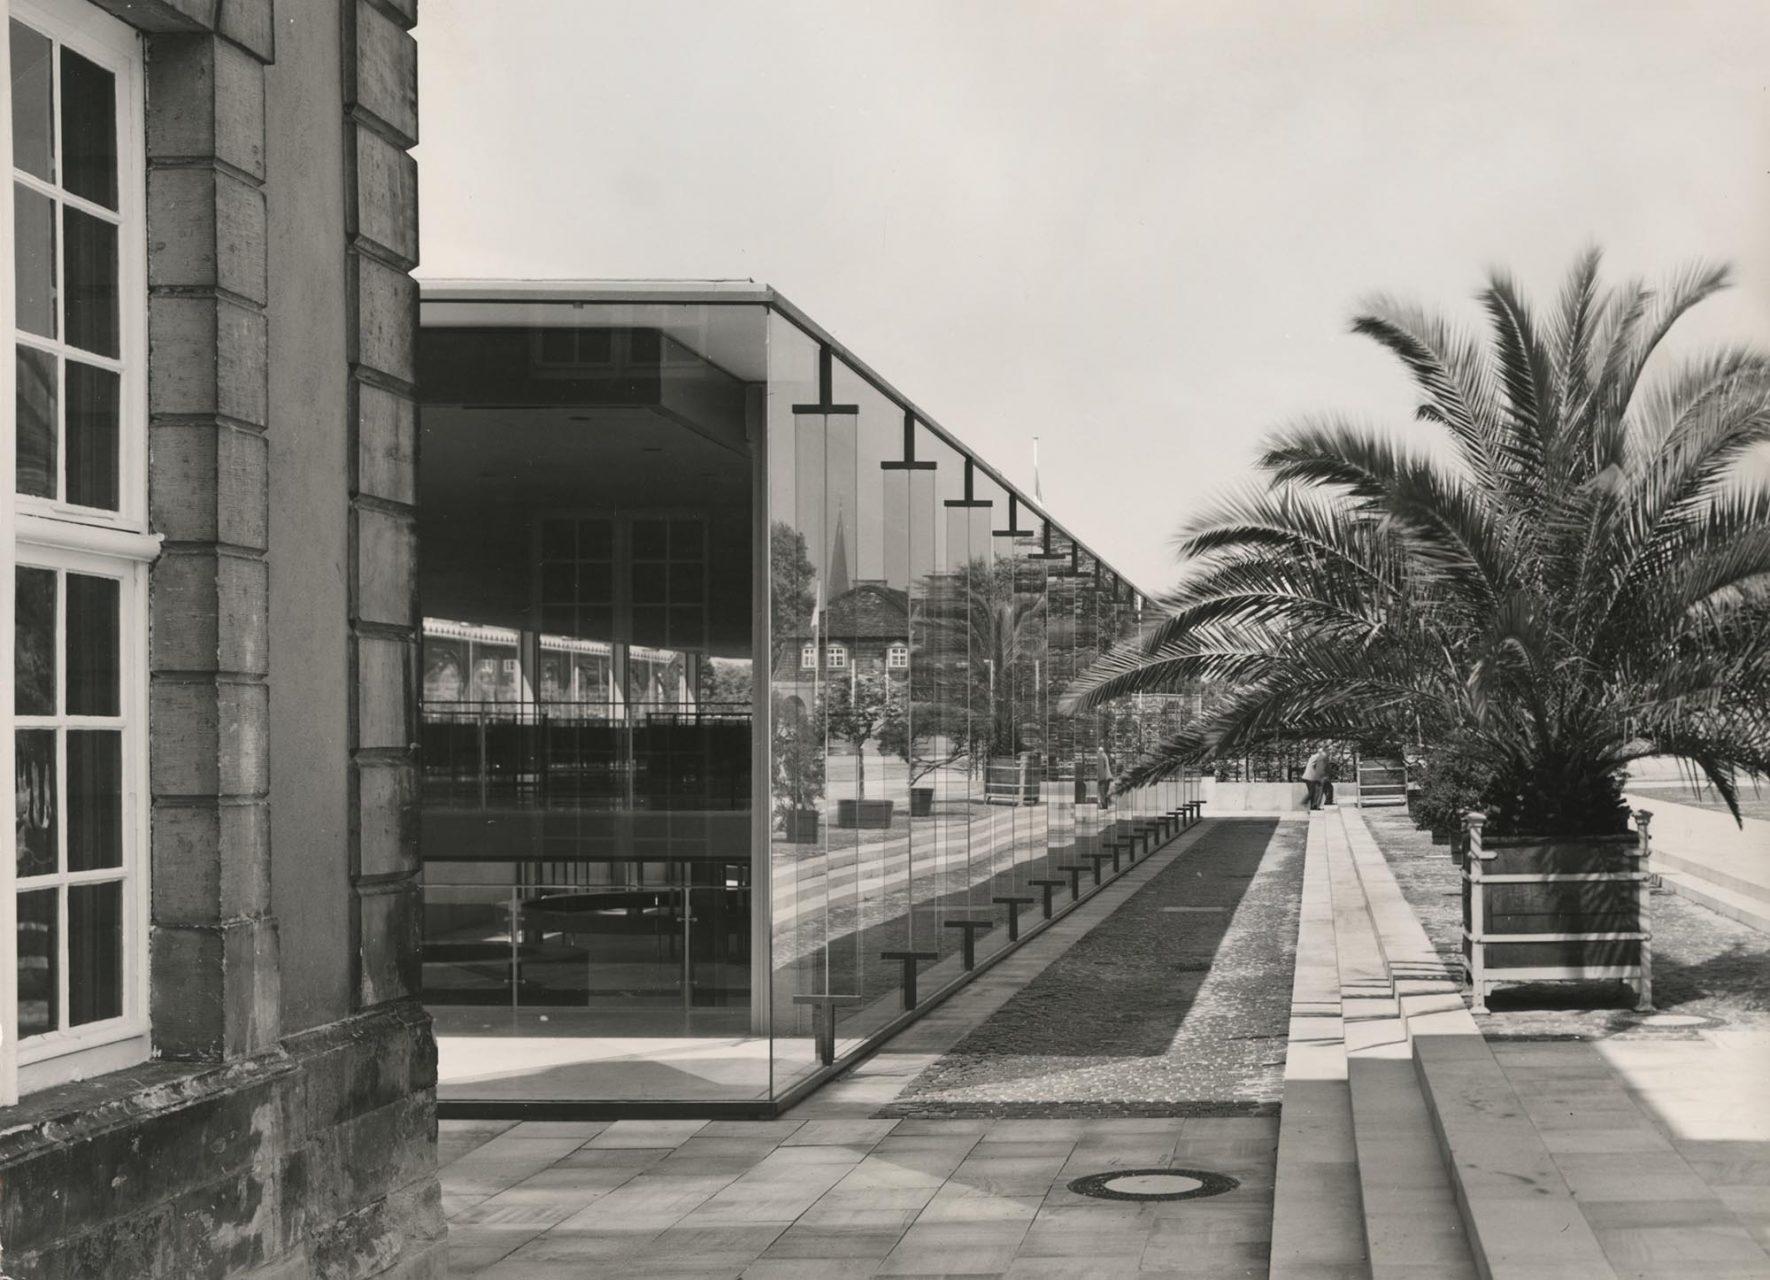 """Arne-Jacobsen-Foyer, 1968. Das """"Bella Vista"""" blieb eine Vision. 1966 wurde das sehr viel bescheidenere Arne-Jacobsen-Foyer errichtet."""